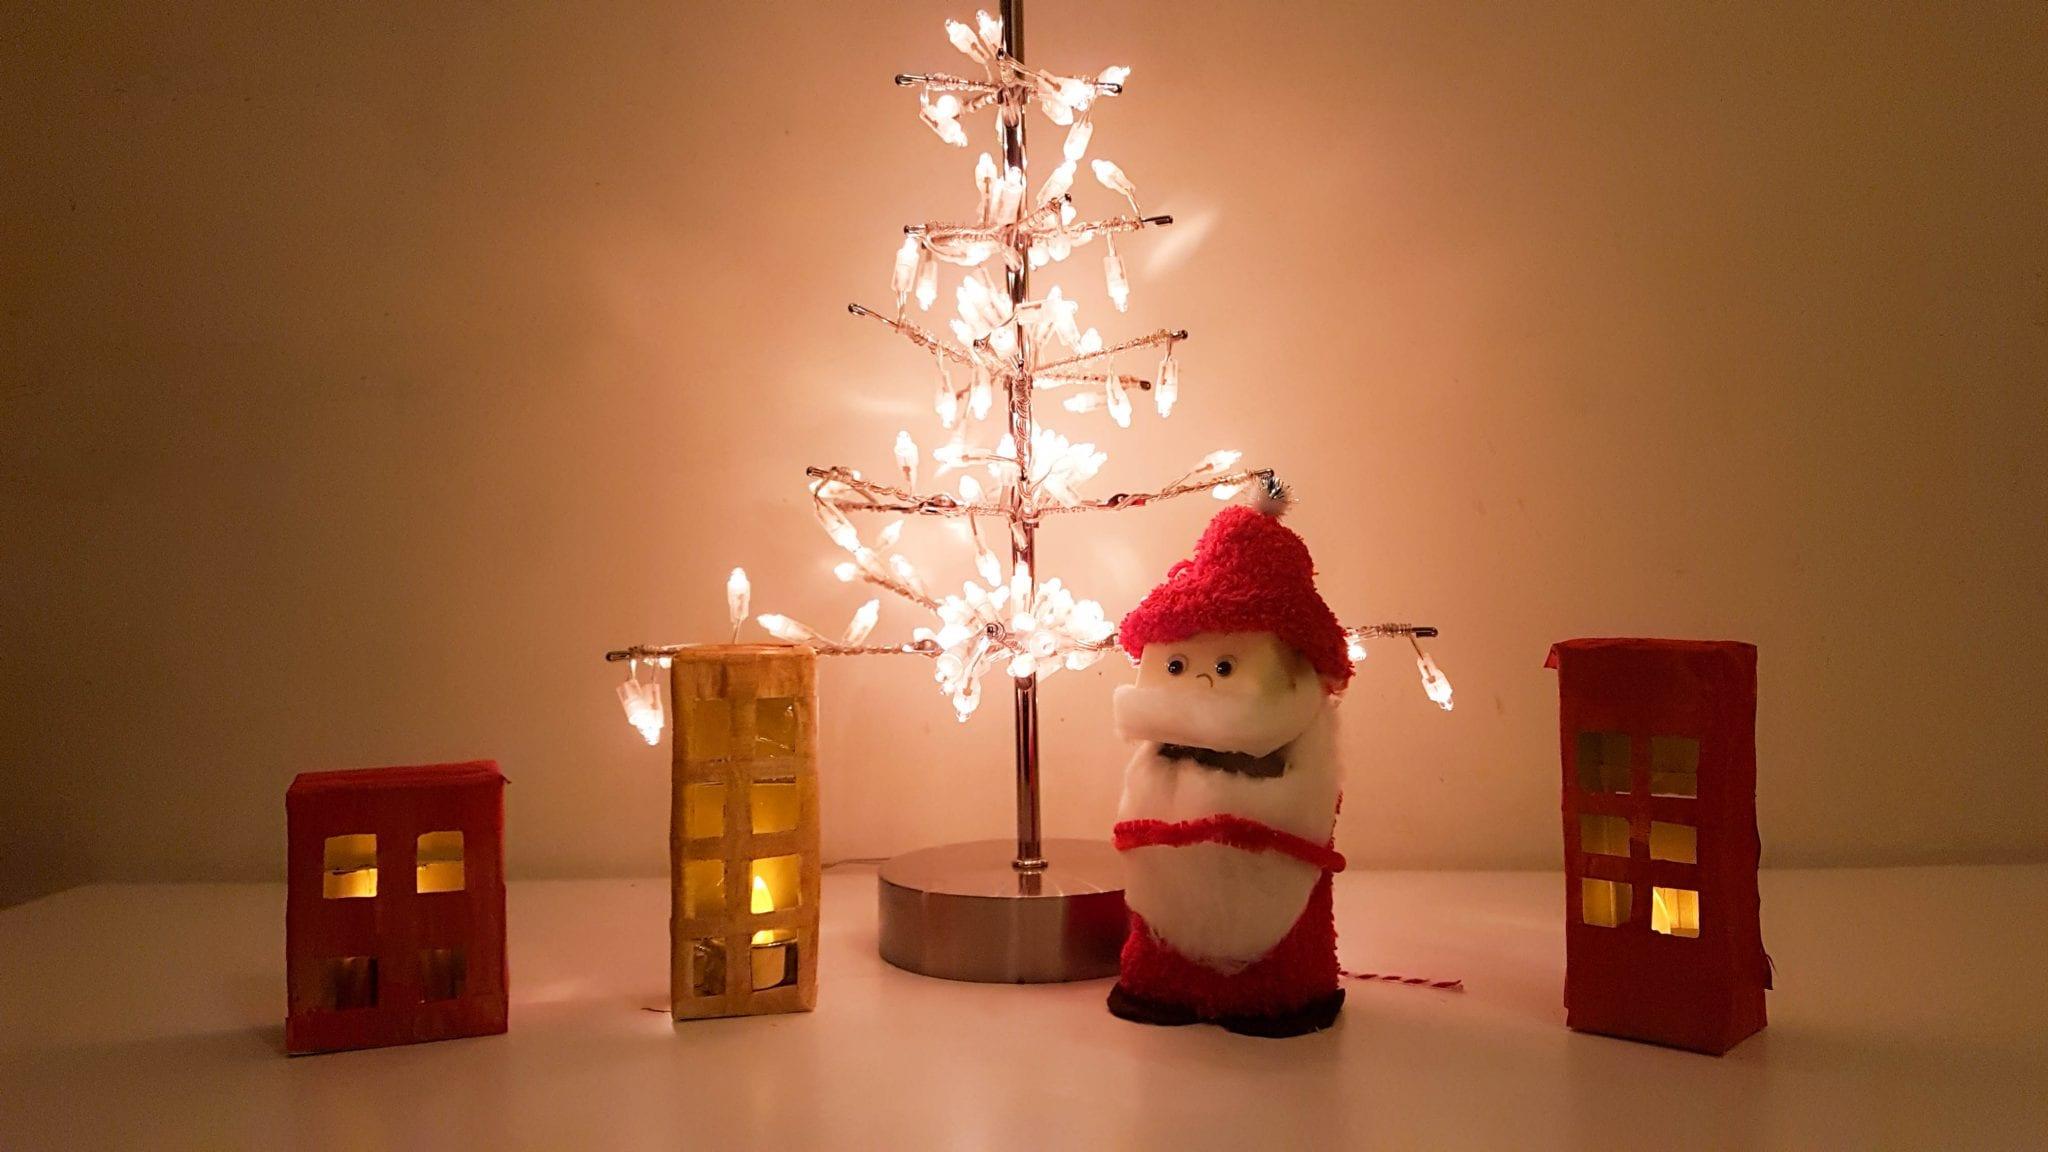 Enfeites de Natal com material reciclado Capa